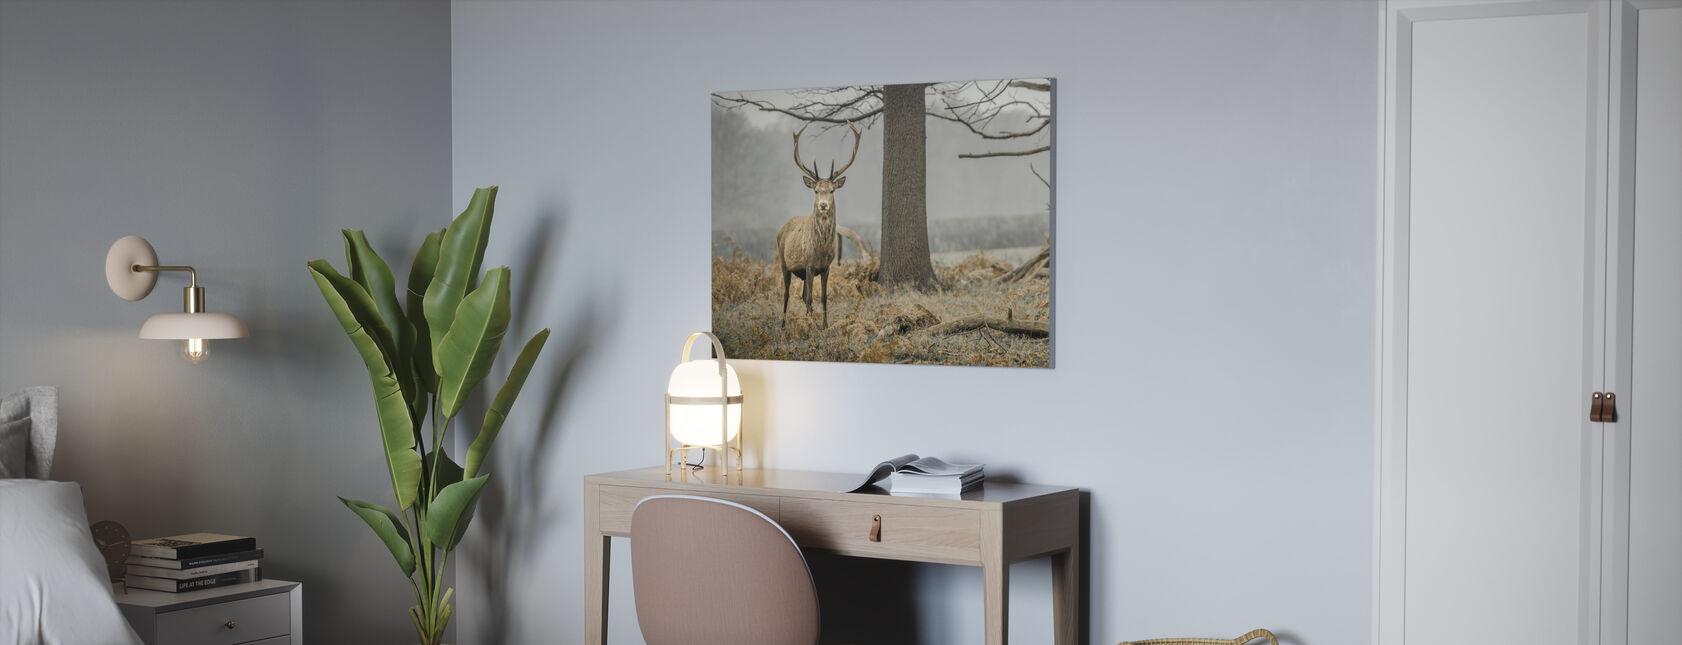 Le cerf dans la forêt - Impression sur toile - Bureau